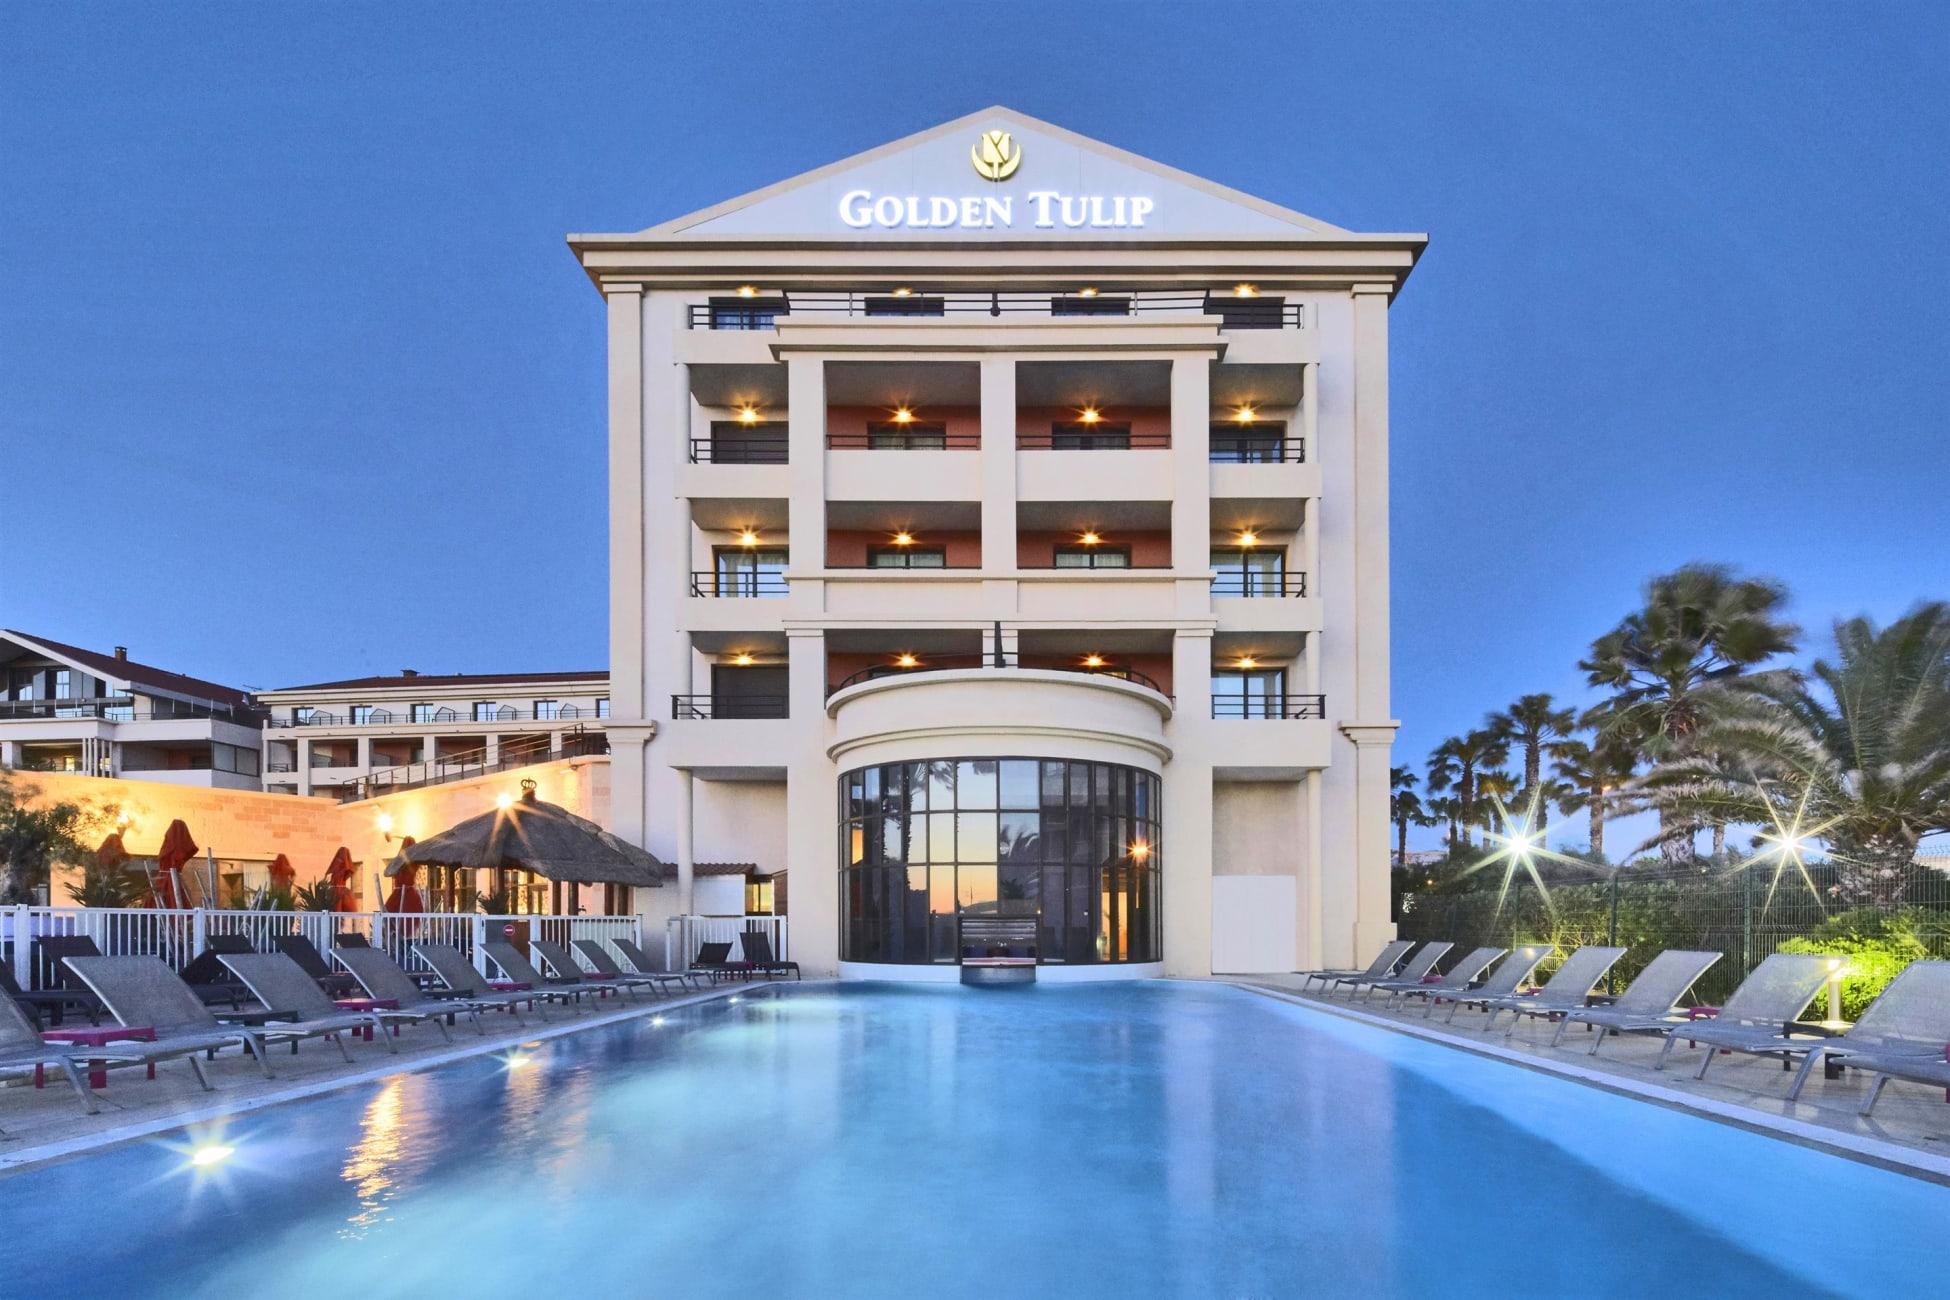 Otel Golden Tulip Villa Massalia, Marsilya - Trivago.tr destiné Piscine Bonneveine